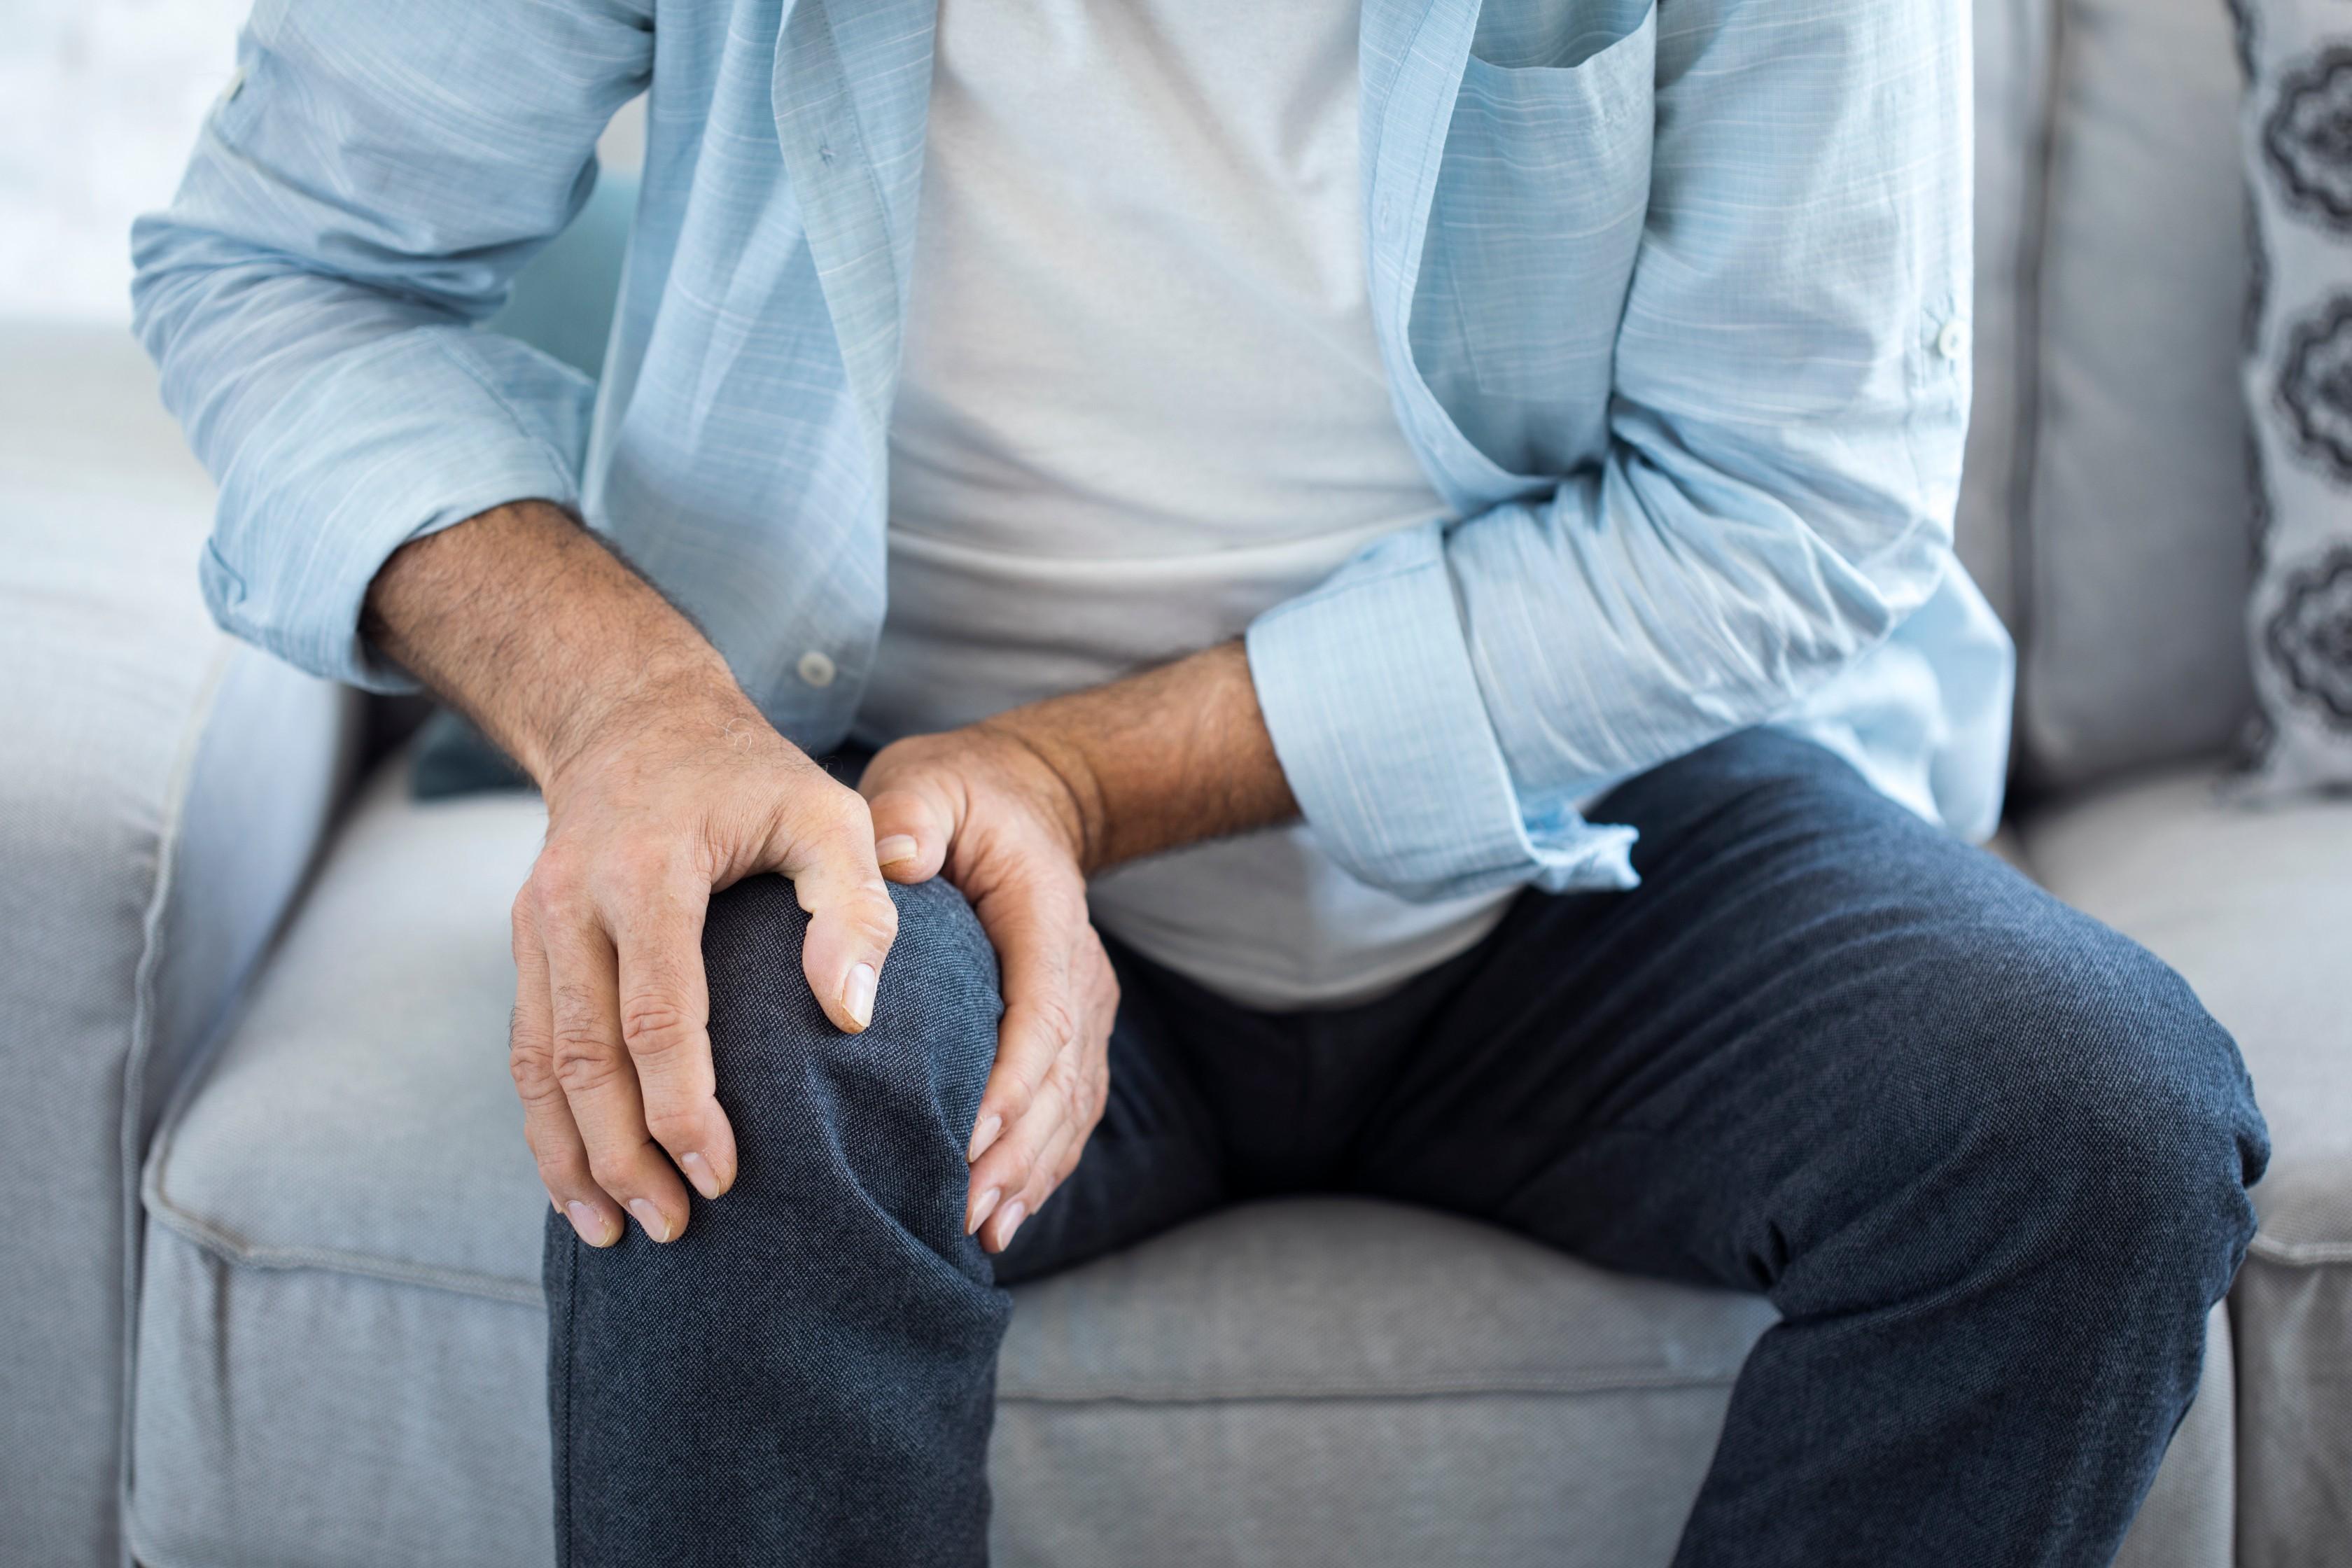 ízületi fájdalmak kenőcsének árai ízületek fájnak és fájnak